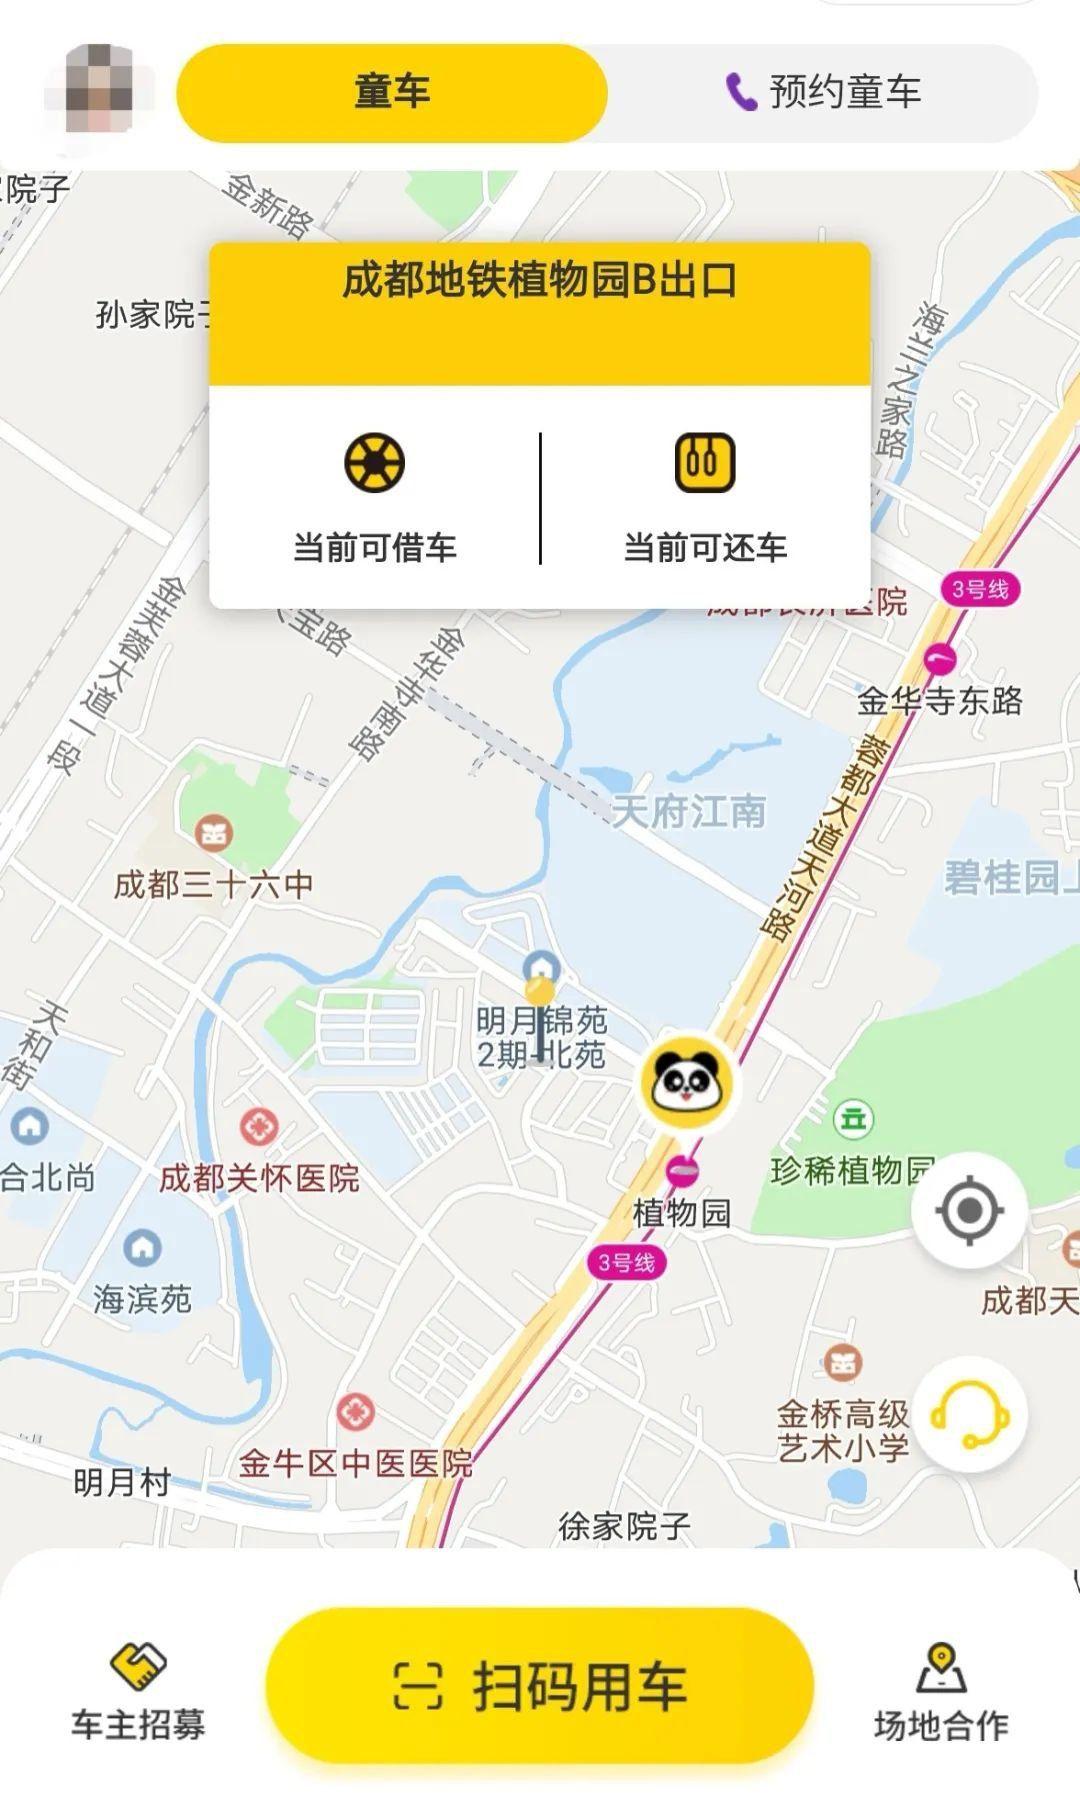 成都地鐵共享童車分布站點 使用租賃流程